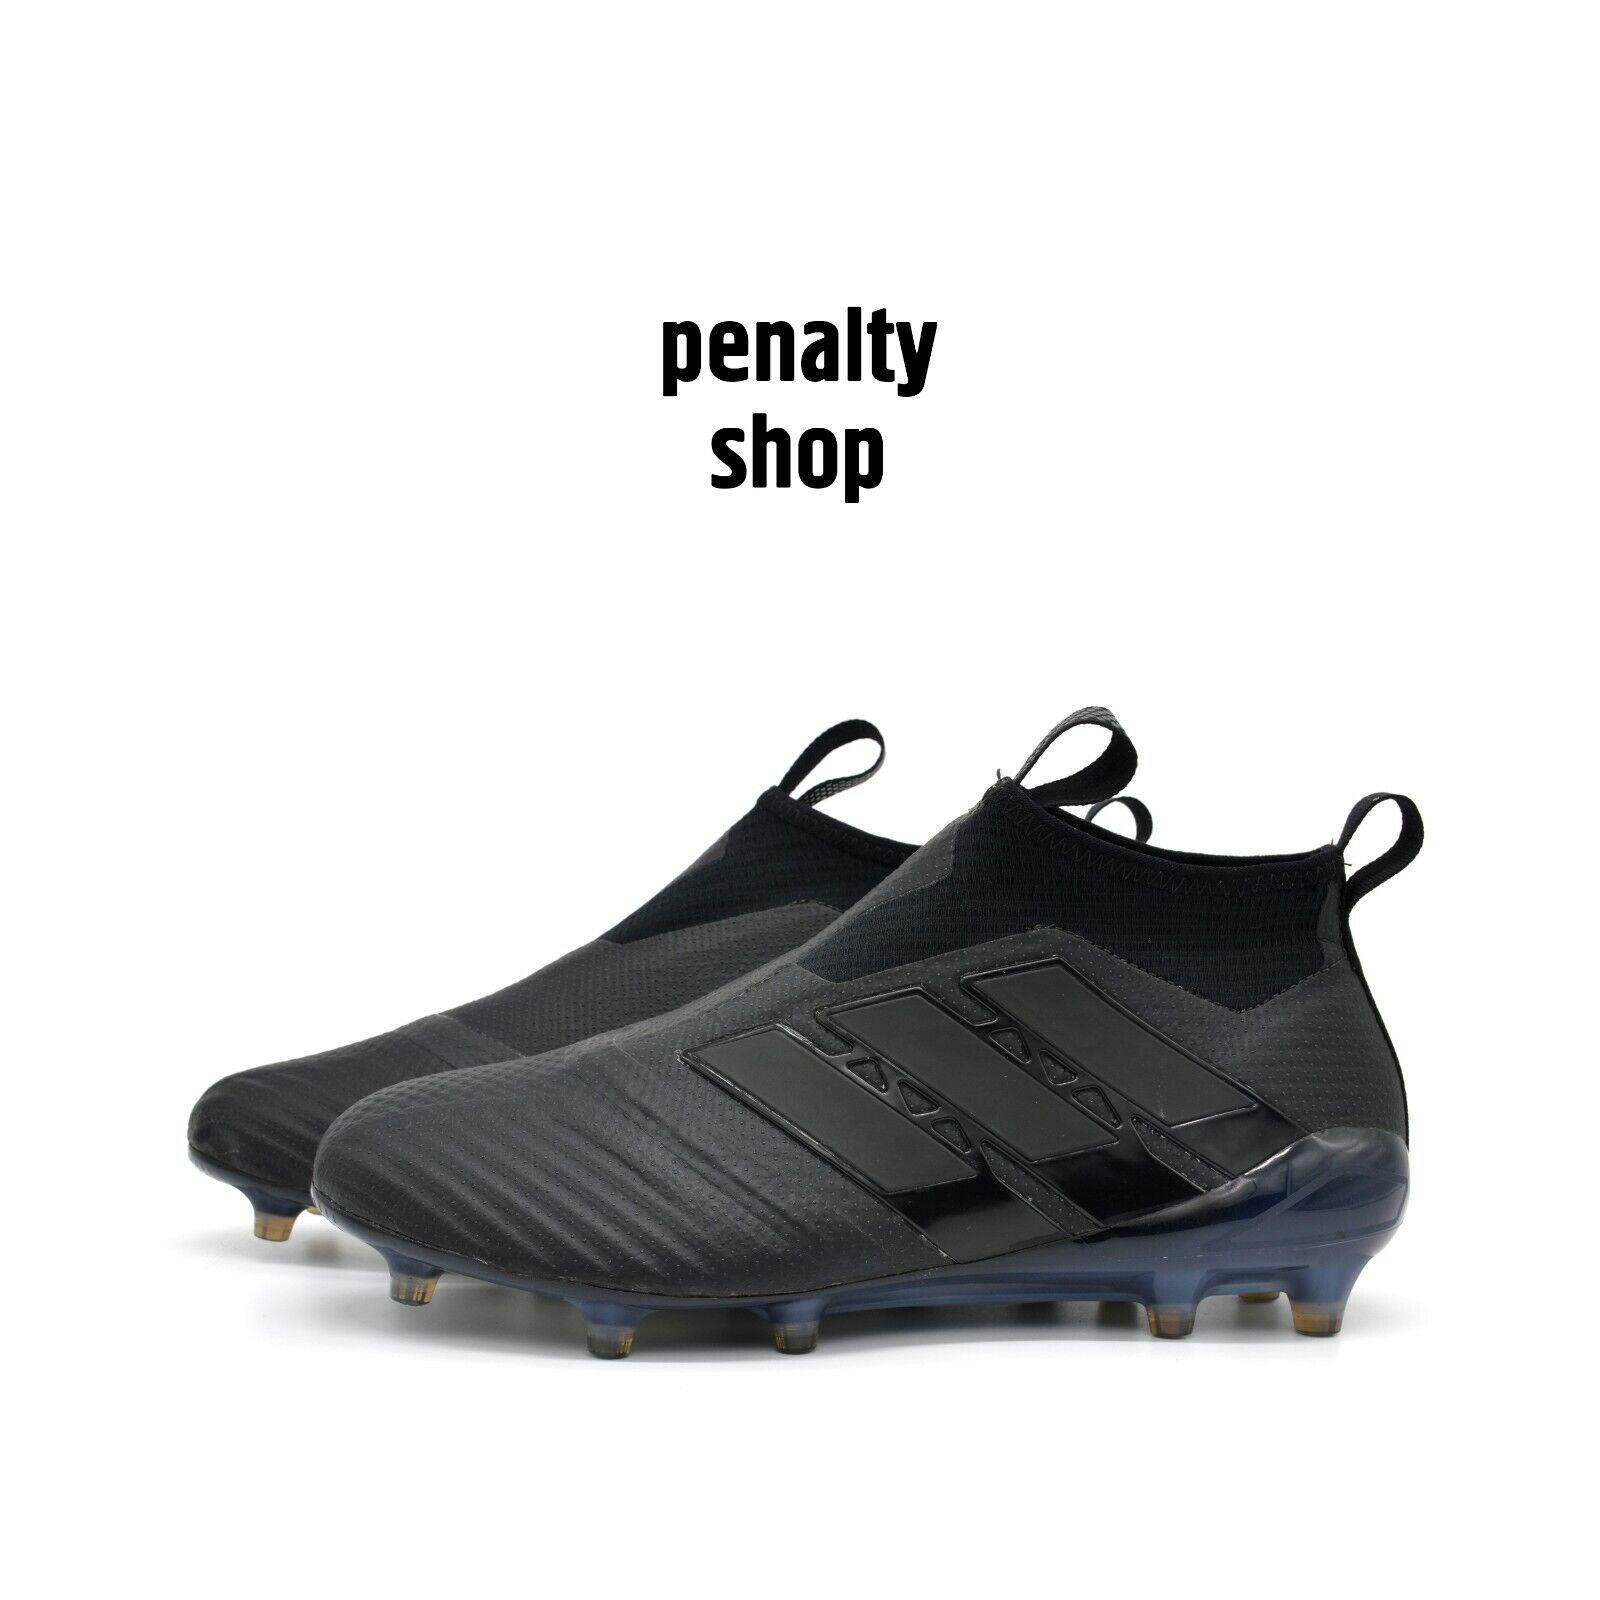 Adidas ACE 17+ purecontrol FG apagón projootipo BY2482 Rara Edición Limitada